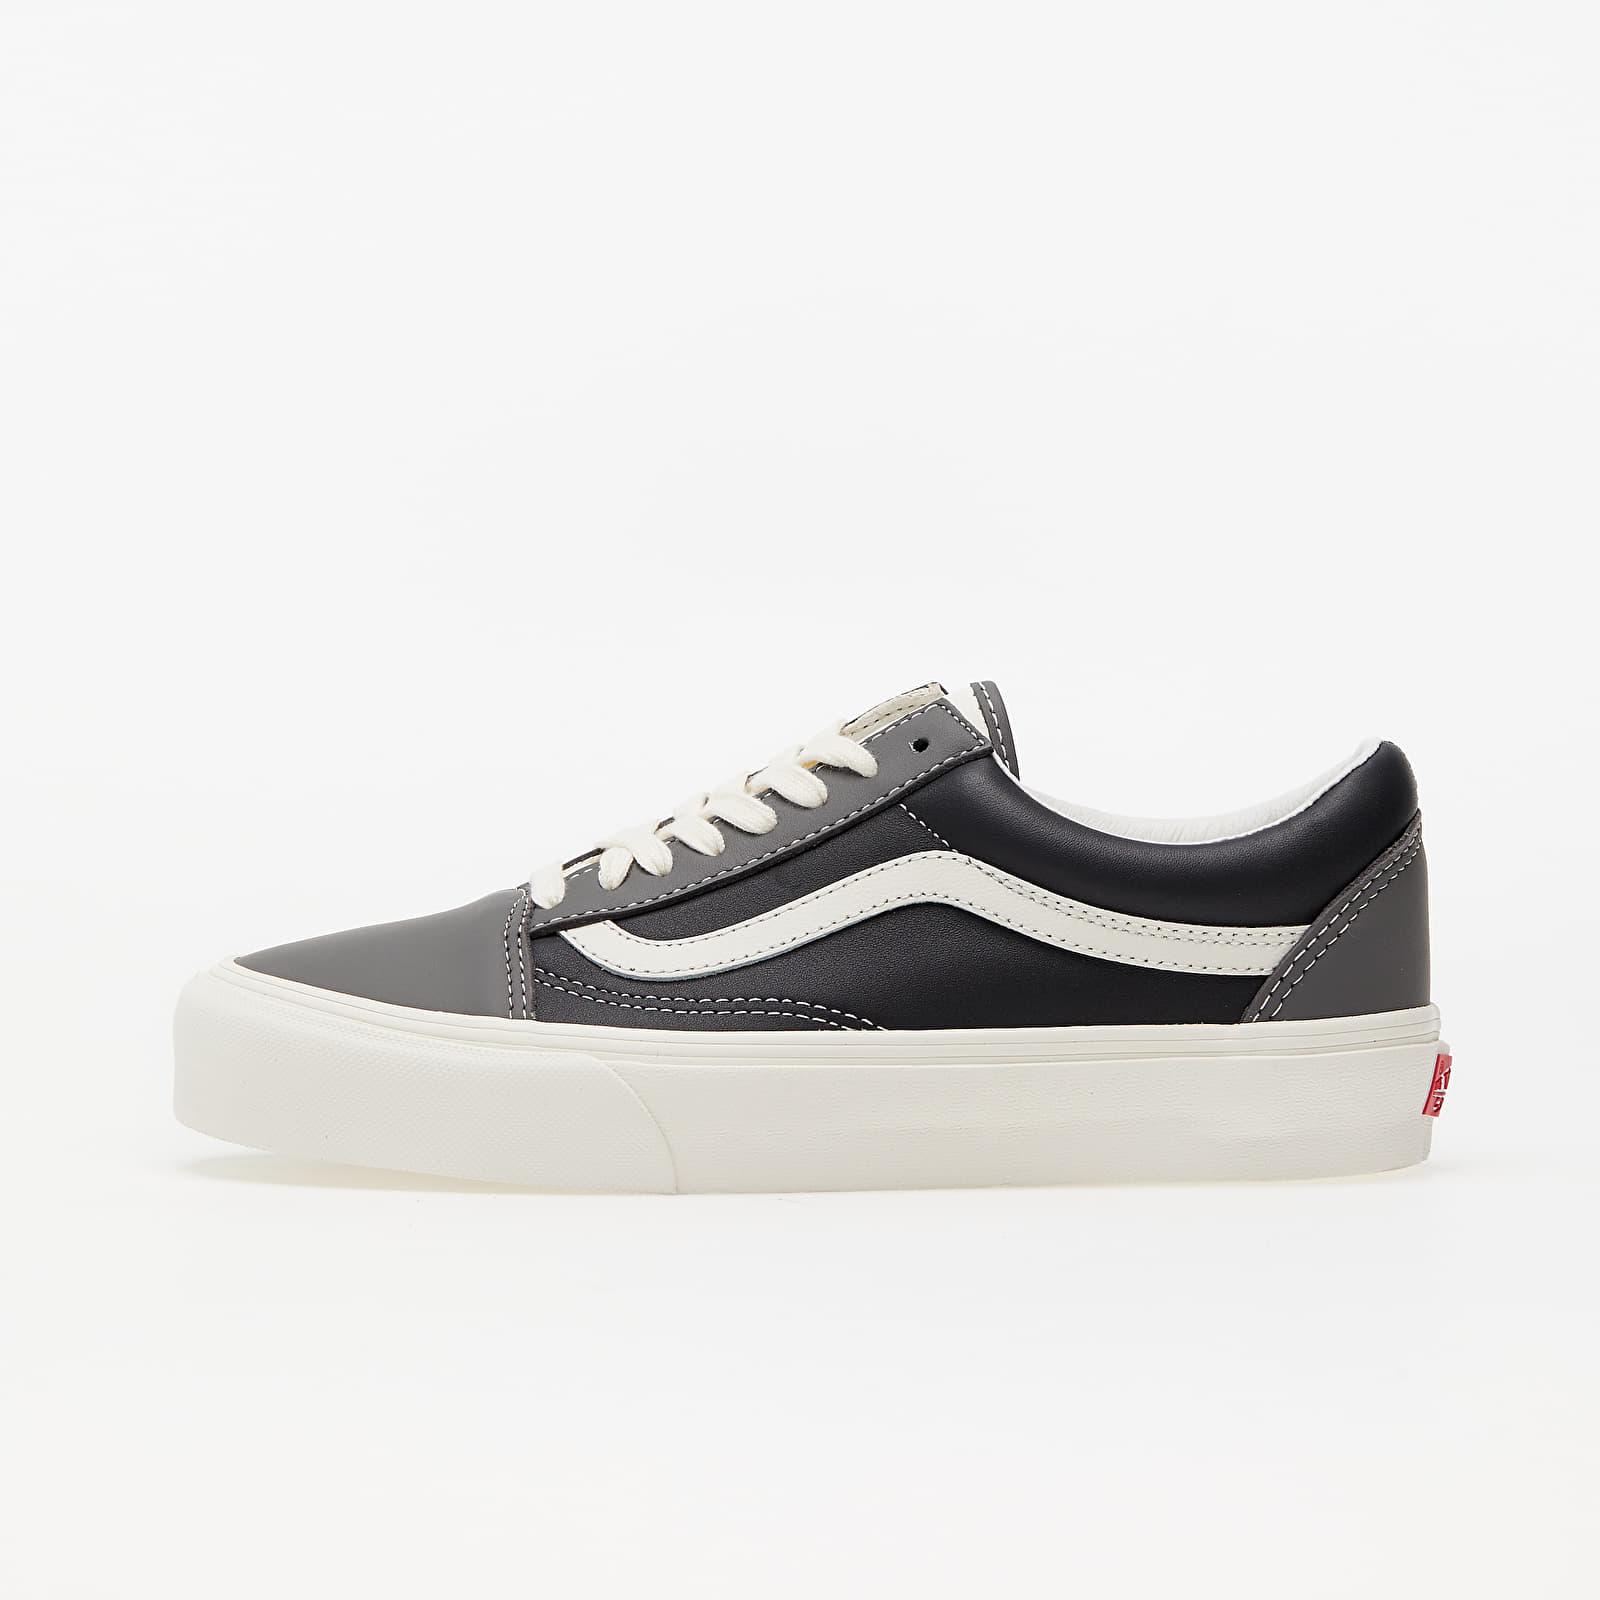 Vans Old Skool Vlt LX (Leather) Charcoal/ Black | Footshop